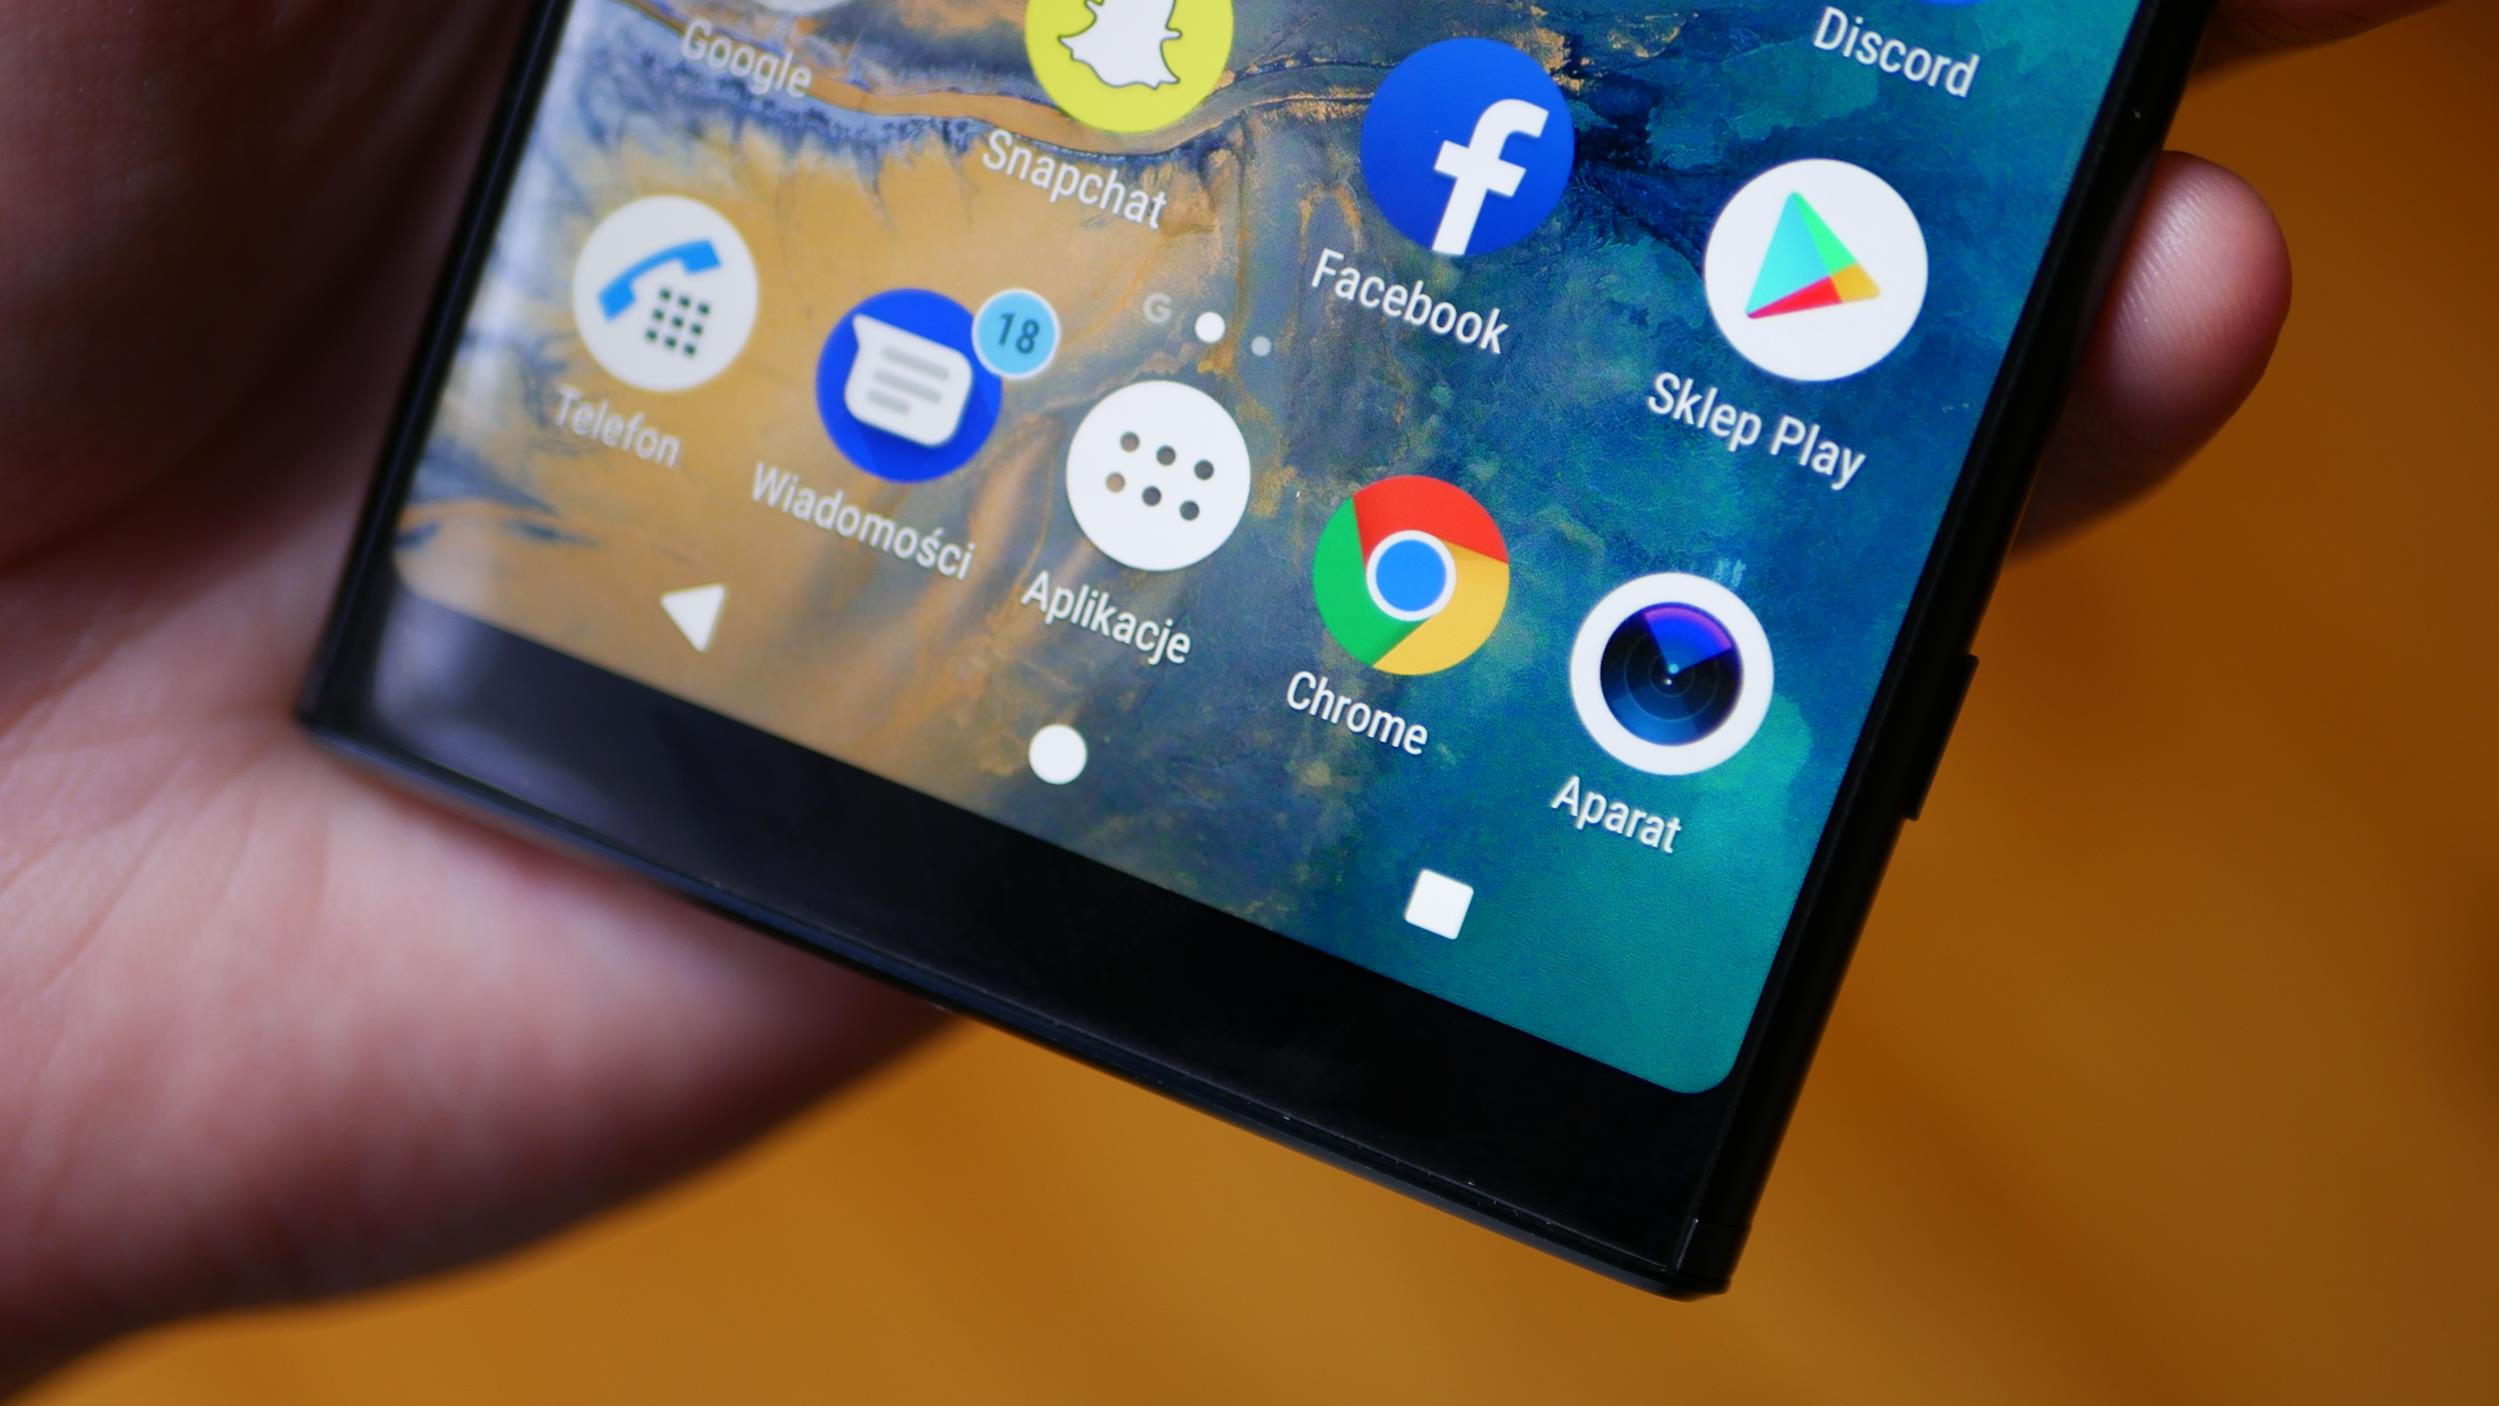 Recenzja Sony Xperia XA2 Plus. To dobry smartfon, ale nie zabrakło kilku rozczarowań 22